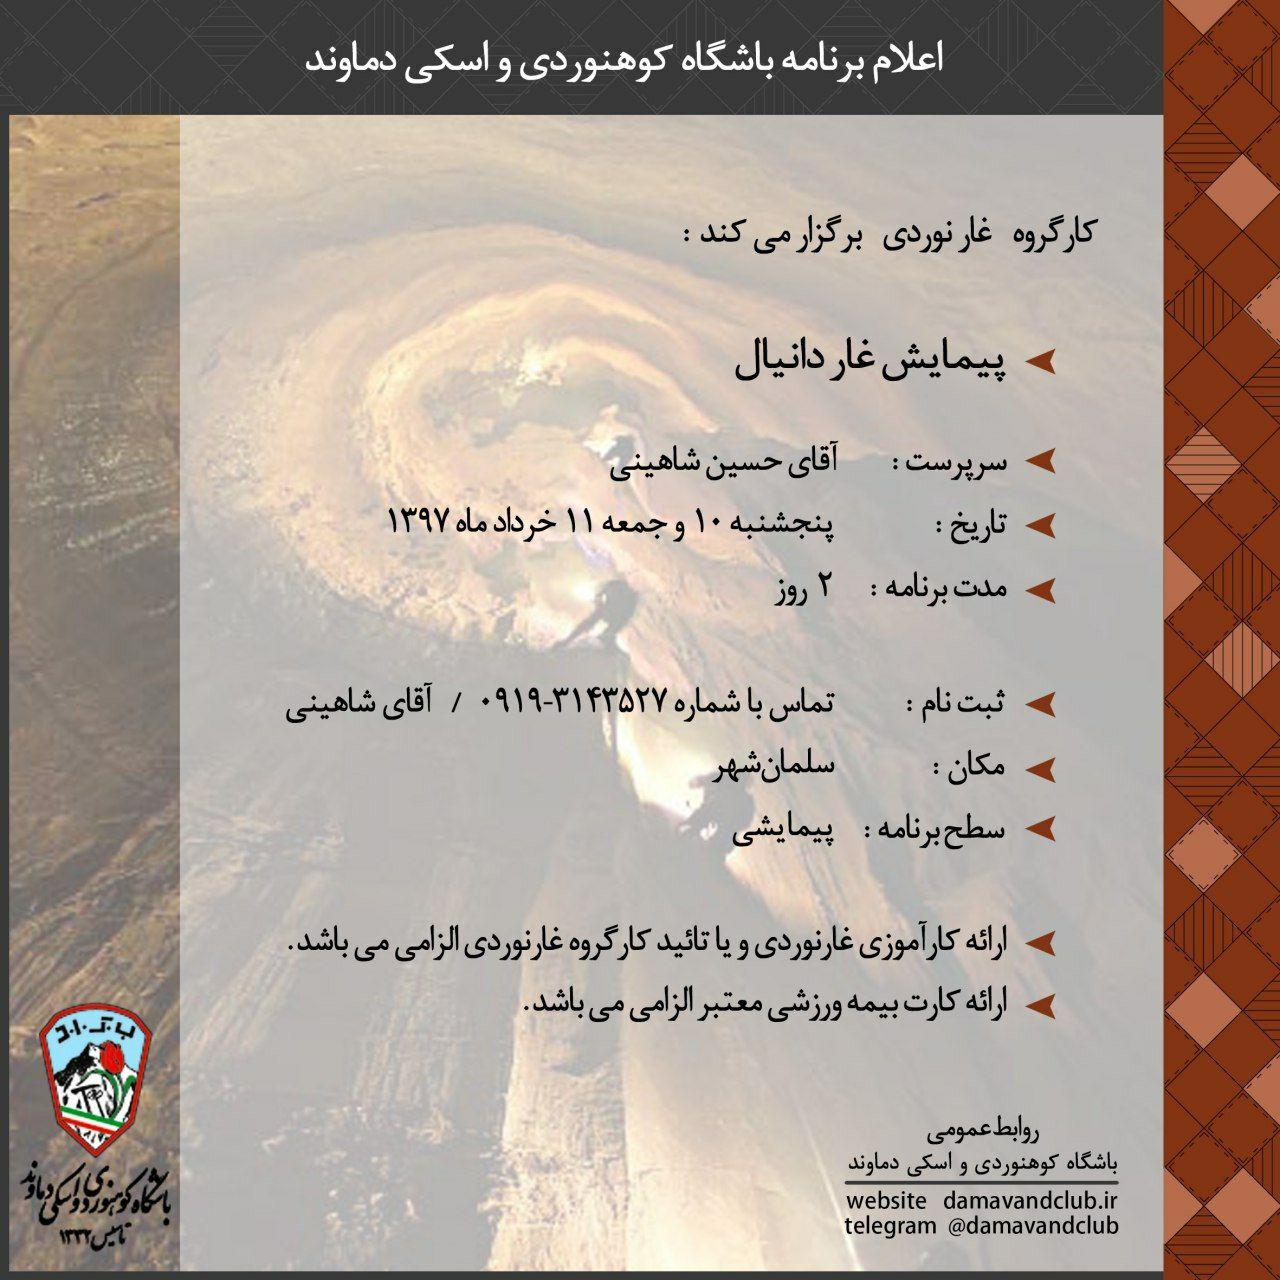 پیمایش غار دانیال جمعه ۱۱ خرداد ۹۷